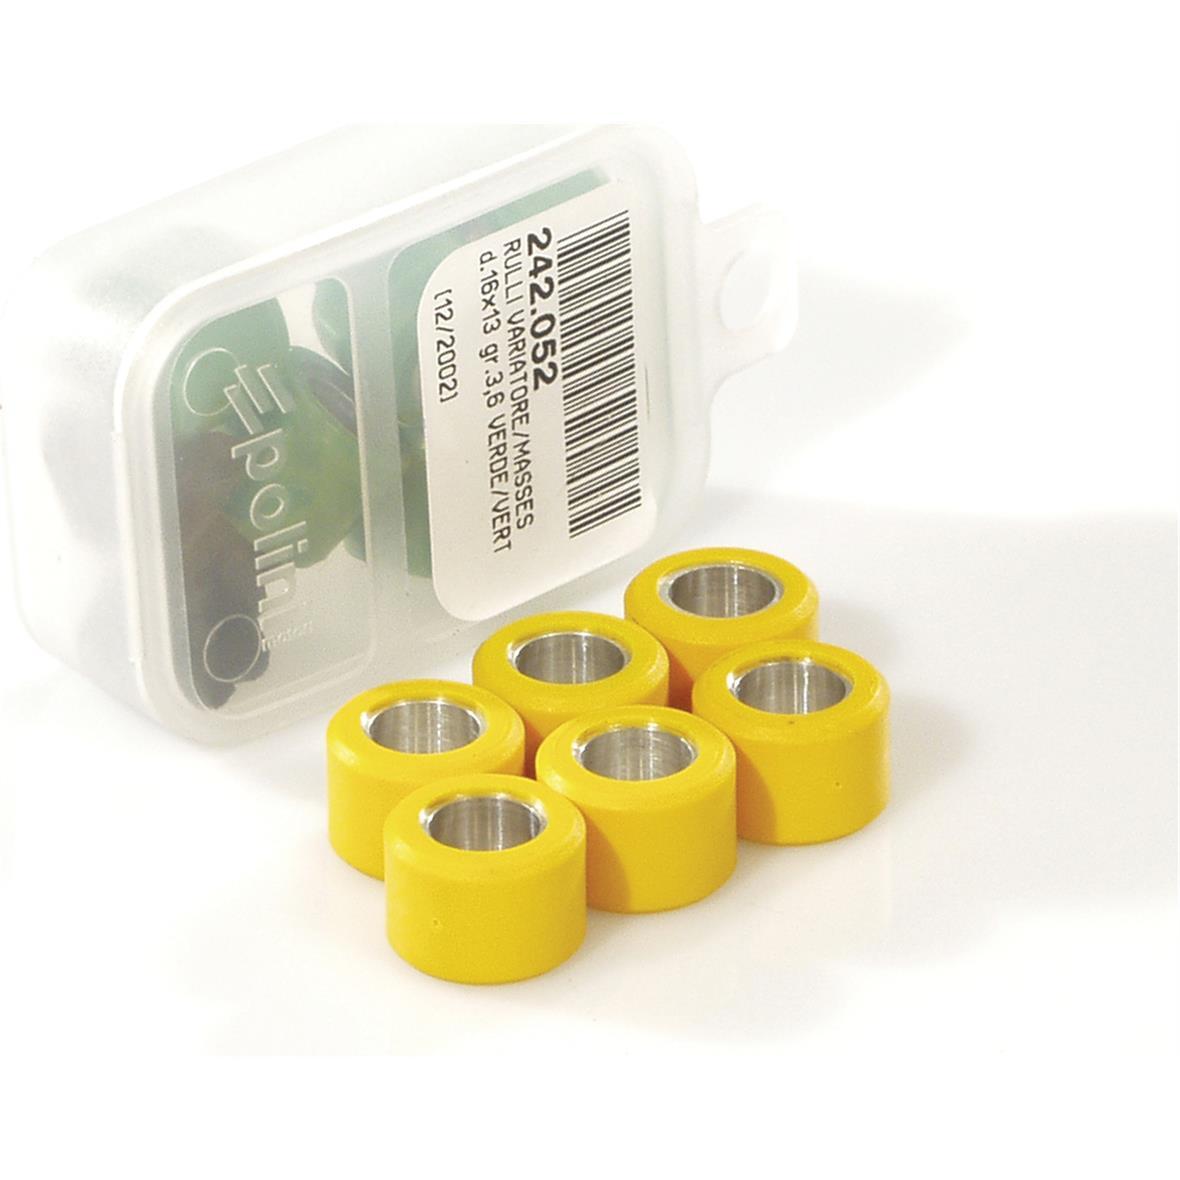 Productafbeelding voor 'Variateur Rollen POLINI 20x12 mm 12,8 gramTitle'